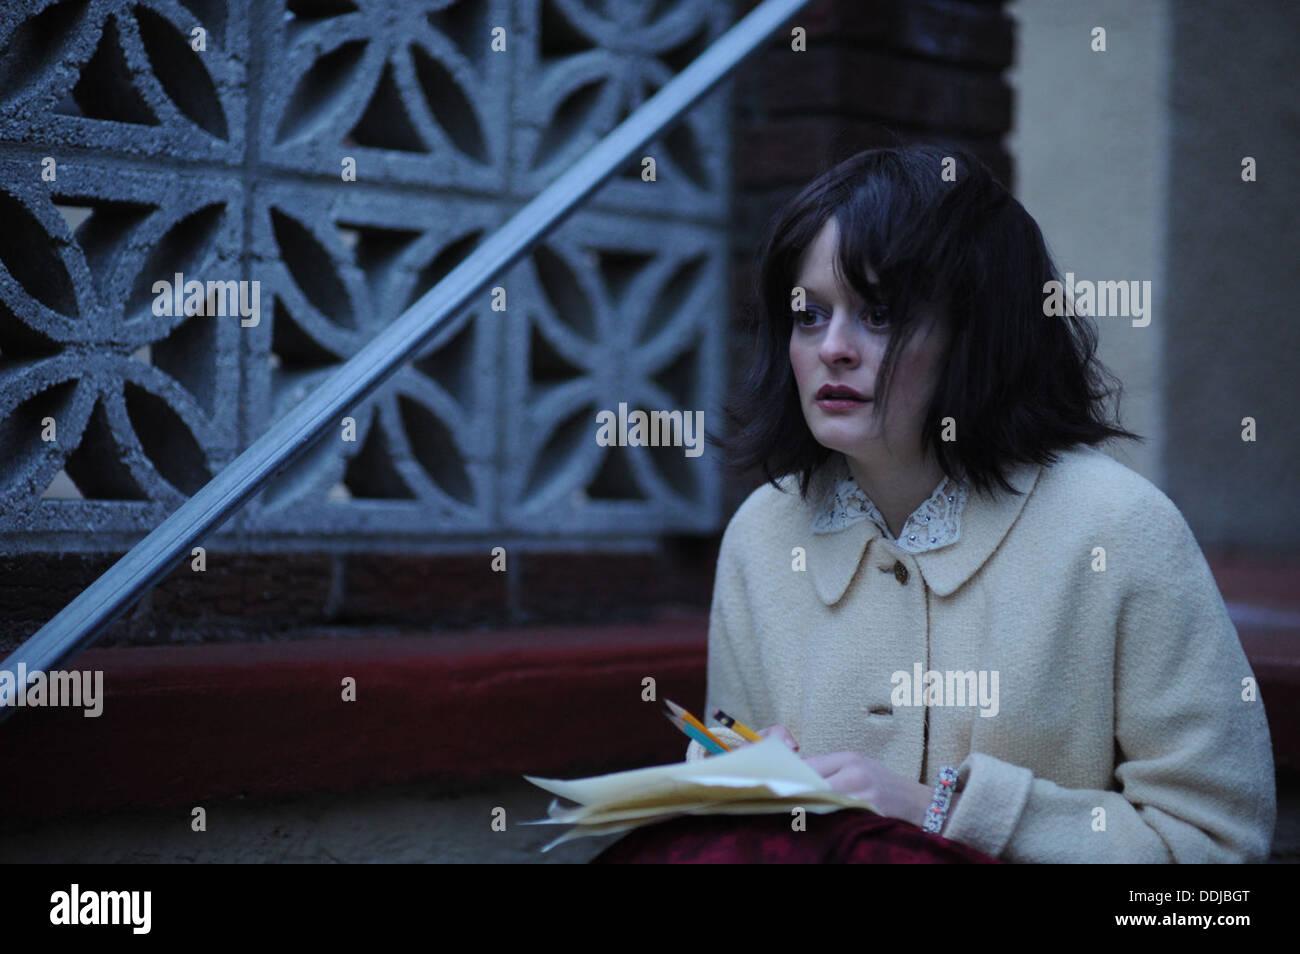 KRANKHEITEN (2012) FALLON GOODSON CARTER (DIR) 002 MOVIESTORE SAMMLUNG LTD Stockbild